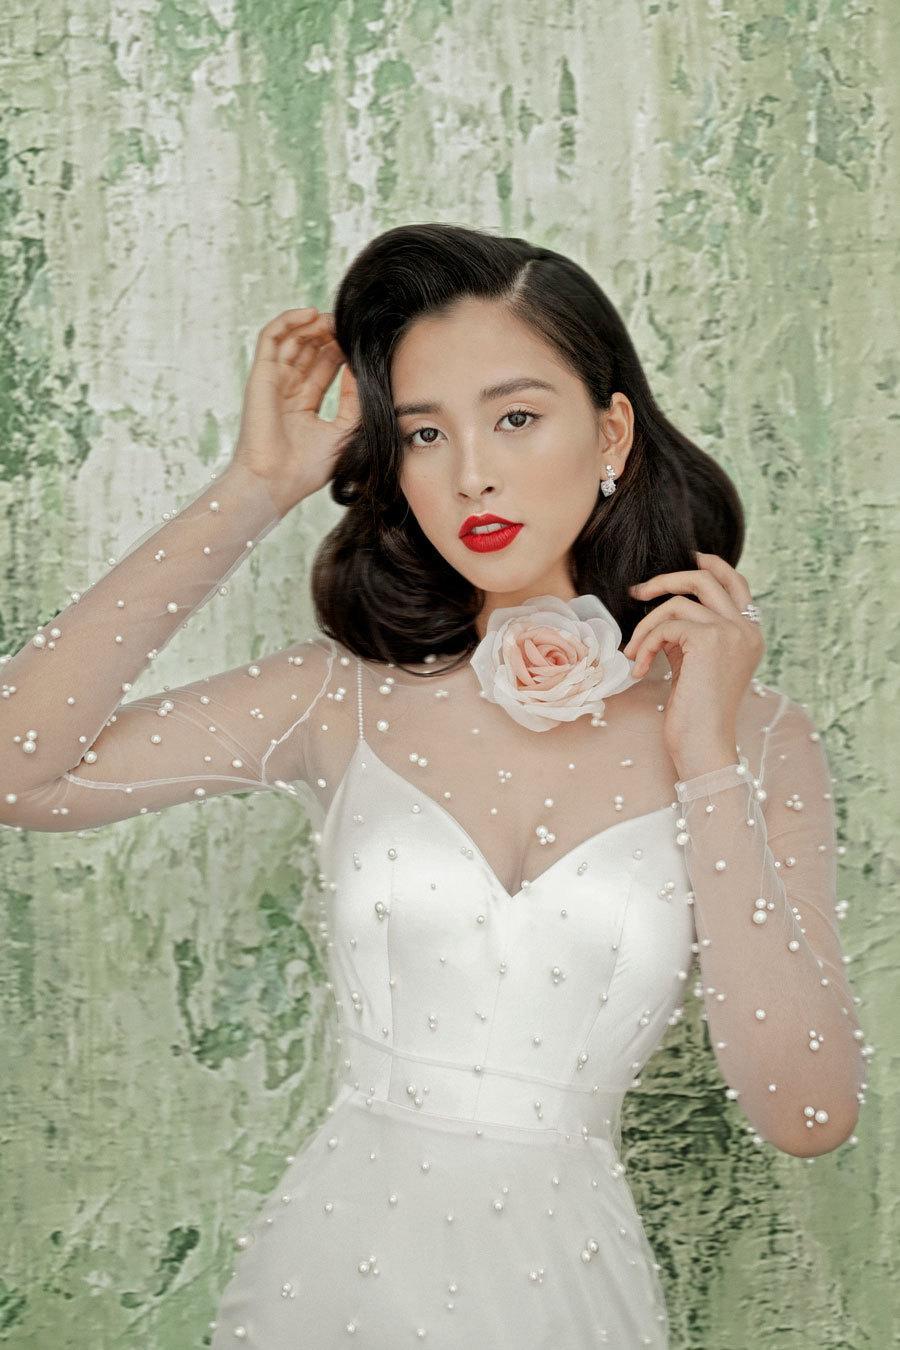 Hoa hậu Tiểu Vy lấp ló ngực đầy với đầm cắt xẻ Ảnh 7